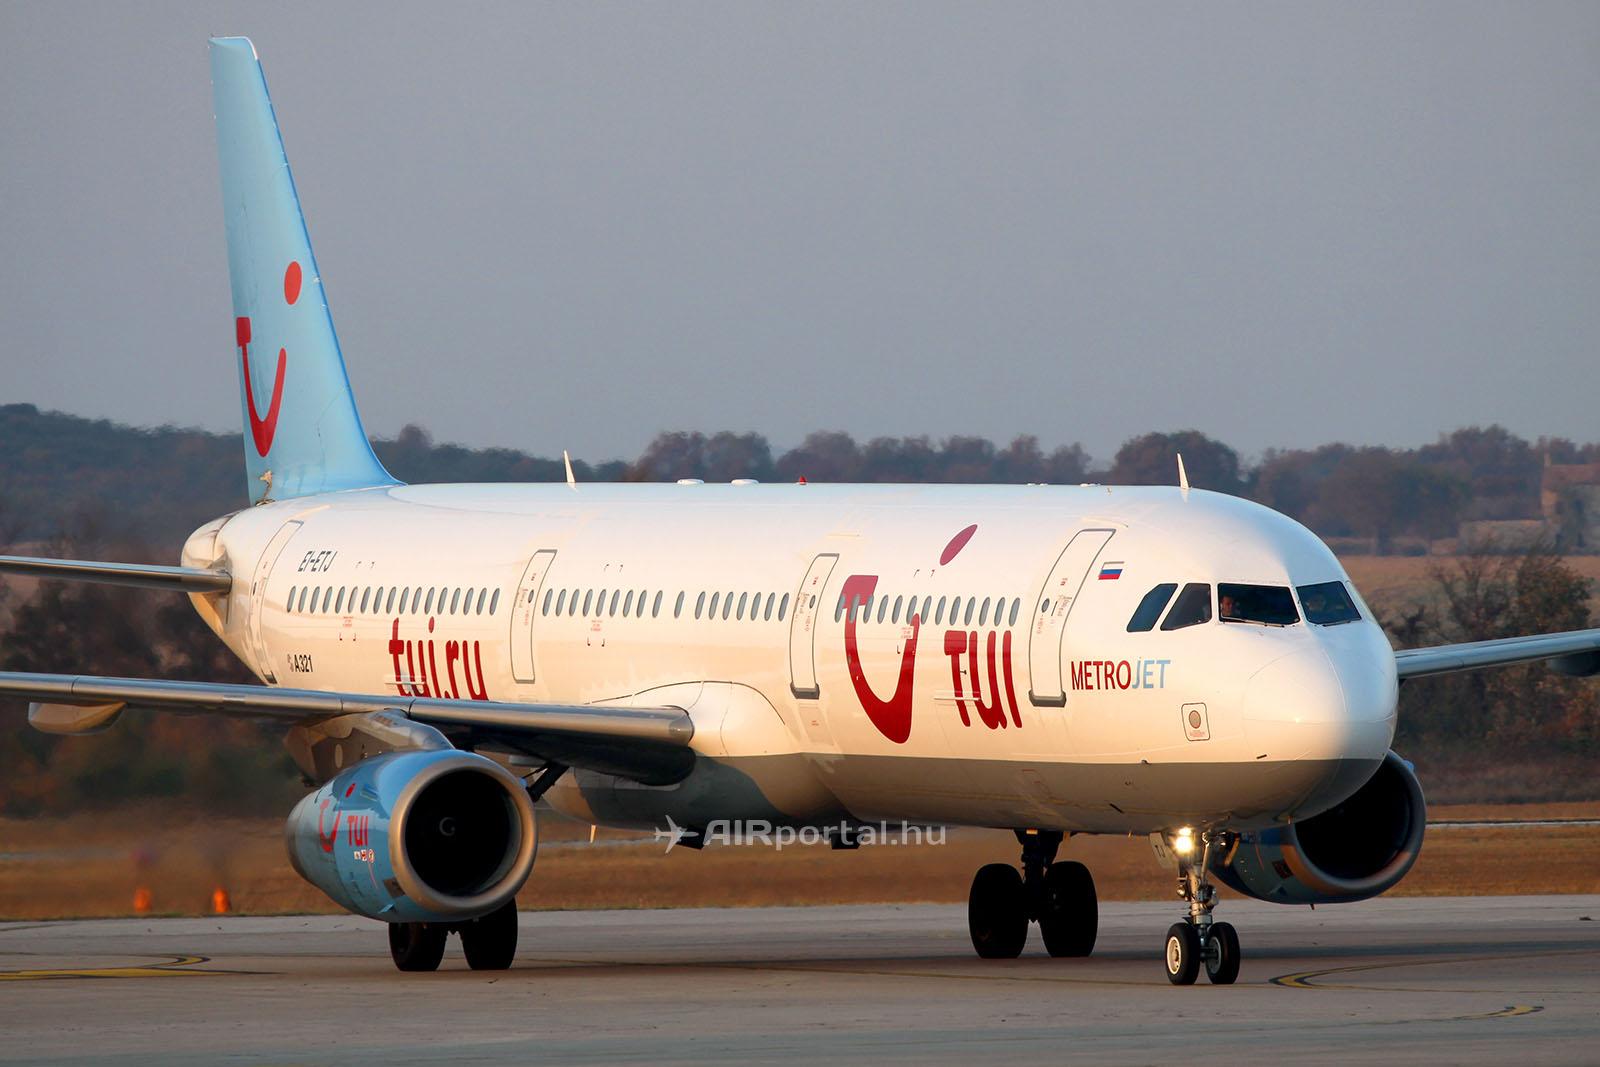 A balesetet szenvedett EI-ETJ lajstromjelű repülőgép még a korábbi TUI.ru festésében, 2012. augusztusában, Pulában. A repülőgépről 2014-ben került le a TUI utazási iroda festése, mikor a Metrojet légitársaság színeibe festették át. A repülőgép festése 2015-ben ismét megújult, ekkor a Metrojet modernizált festését kapta meg. (Fotó: AIRportal.hu) | © AIRportal.hu